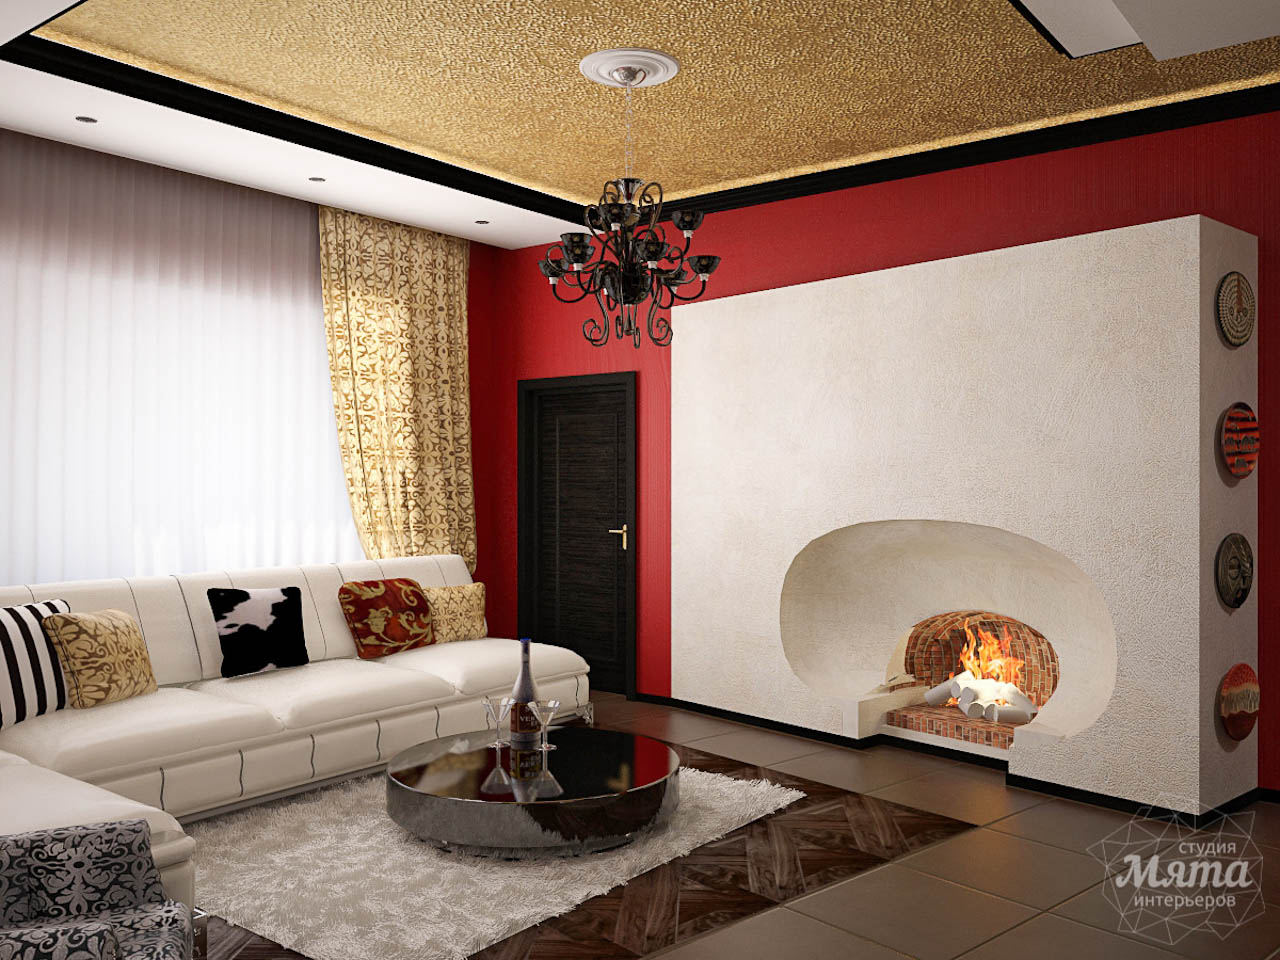 Дизайн интерьера коттеджа первого этажа по ул. Урожайная 17 img1256334112